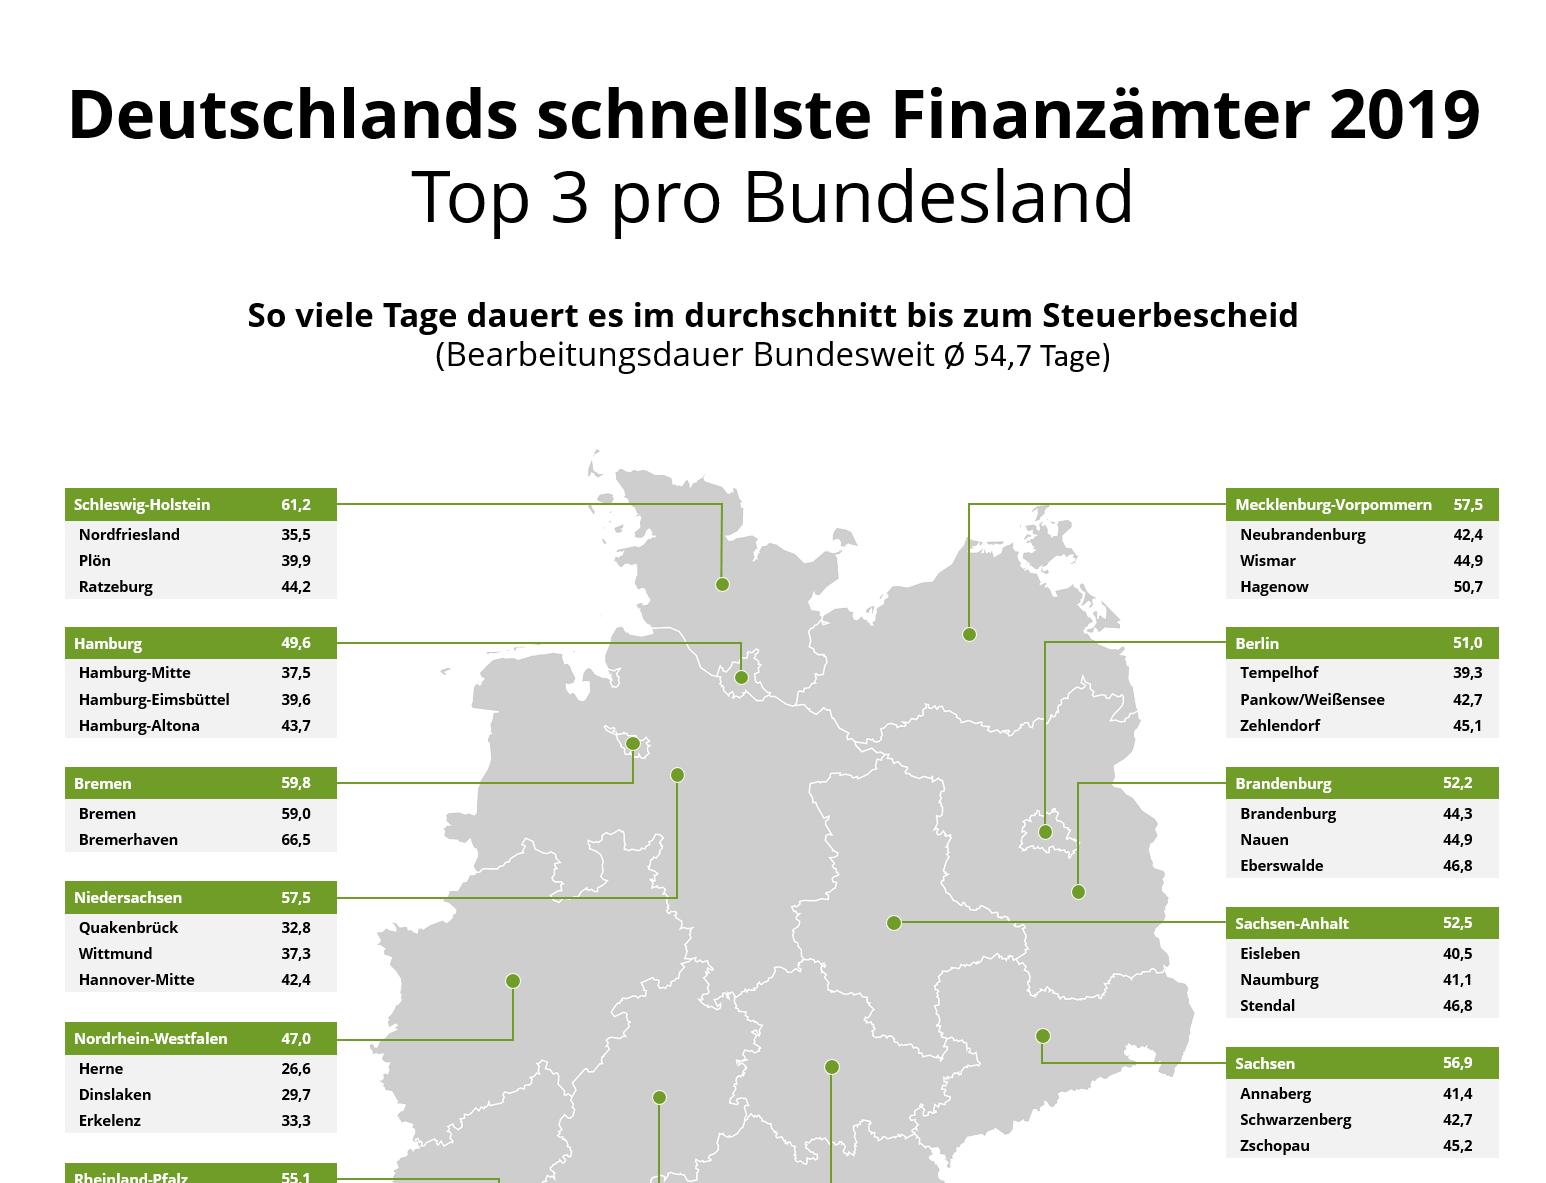 Schnellstes Finanzamt Deutschlands 2019